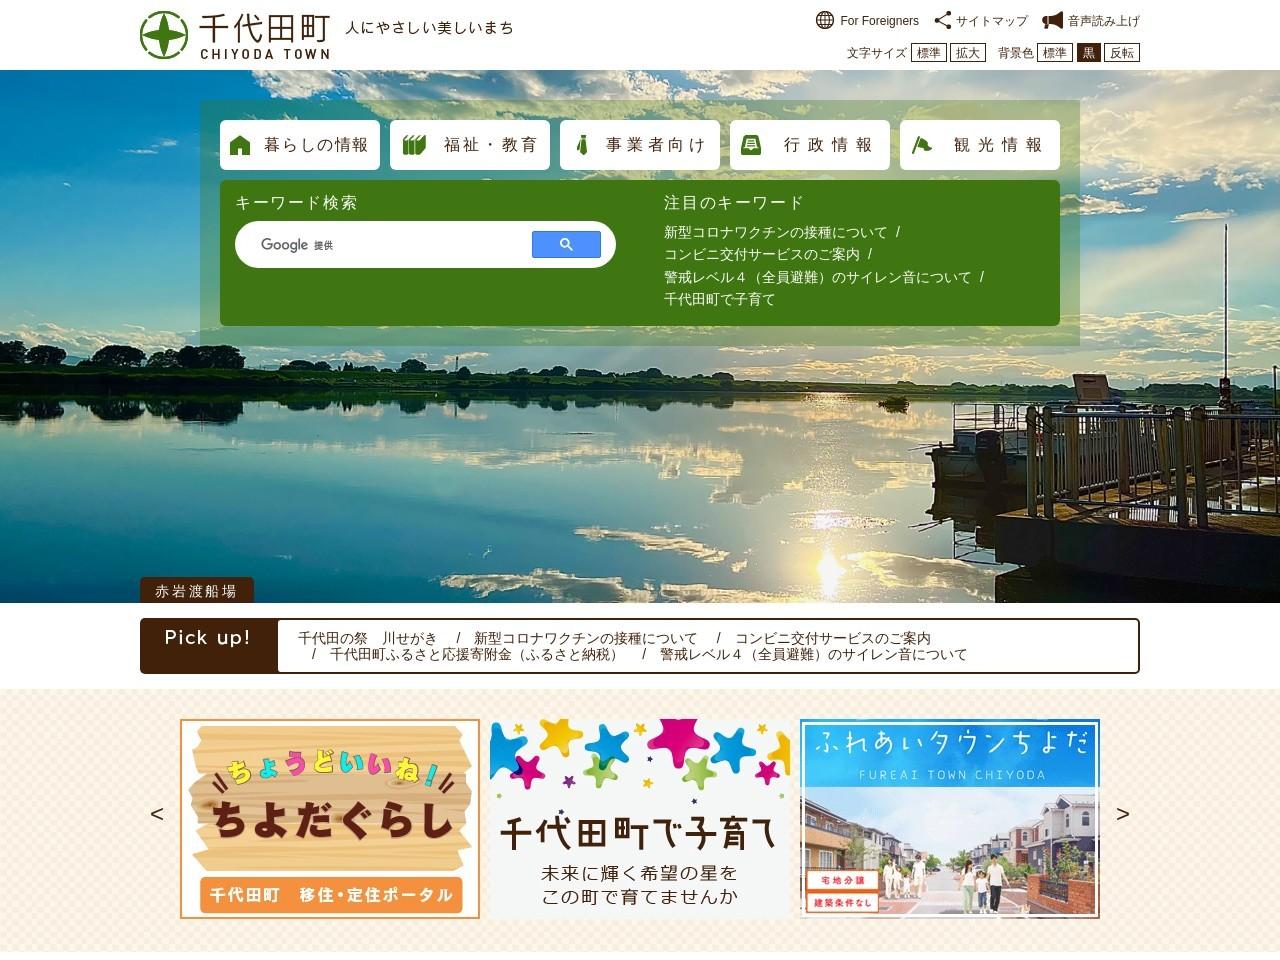 千代田町ホームページ